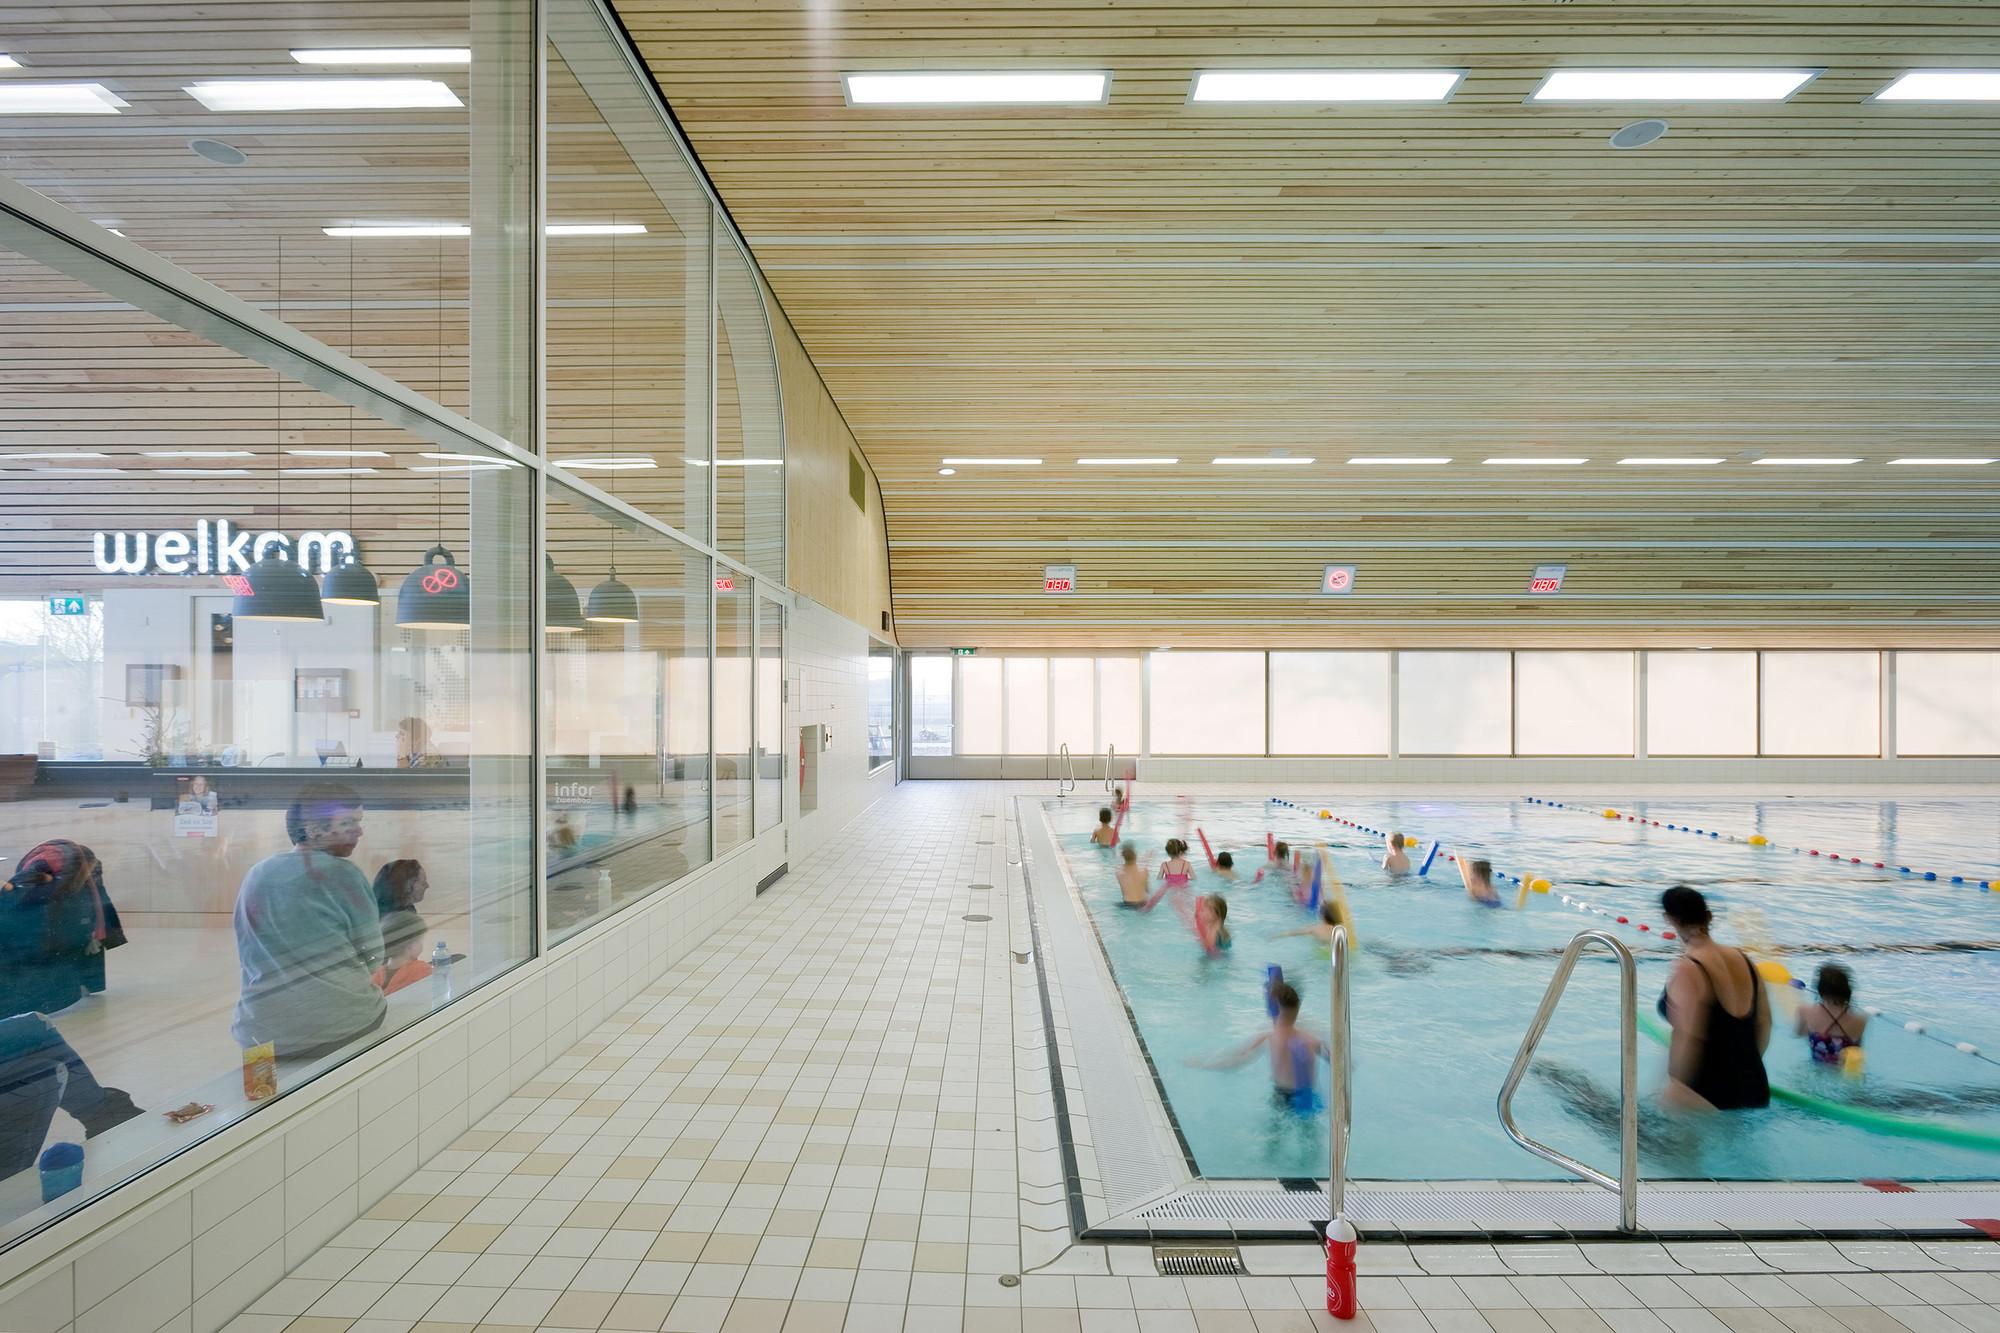 Gallery Of 39 De Heuvelrand 39 Voorthuizen Swimming Pool Slangen Koenis Architects 4